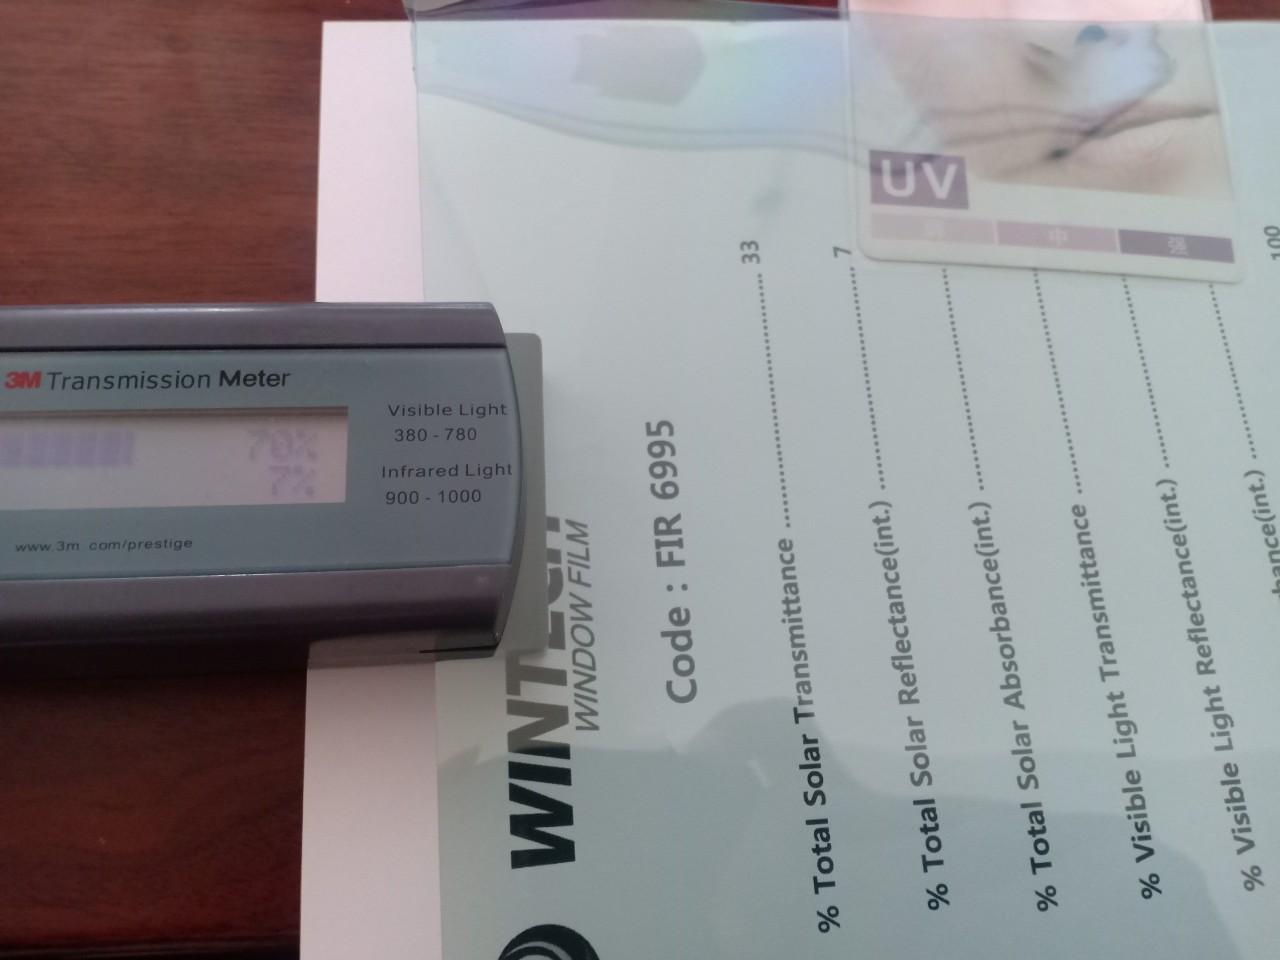 phim-cach-nhiet-wintechfilm-fir-6995